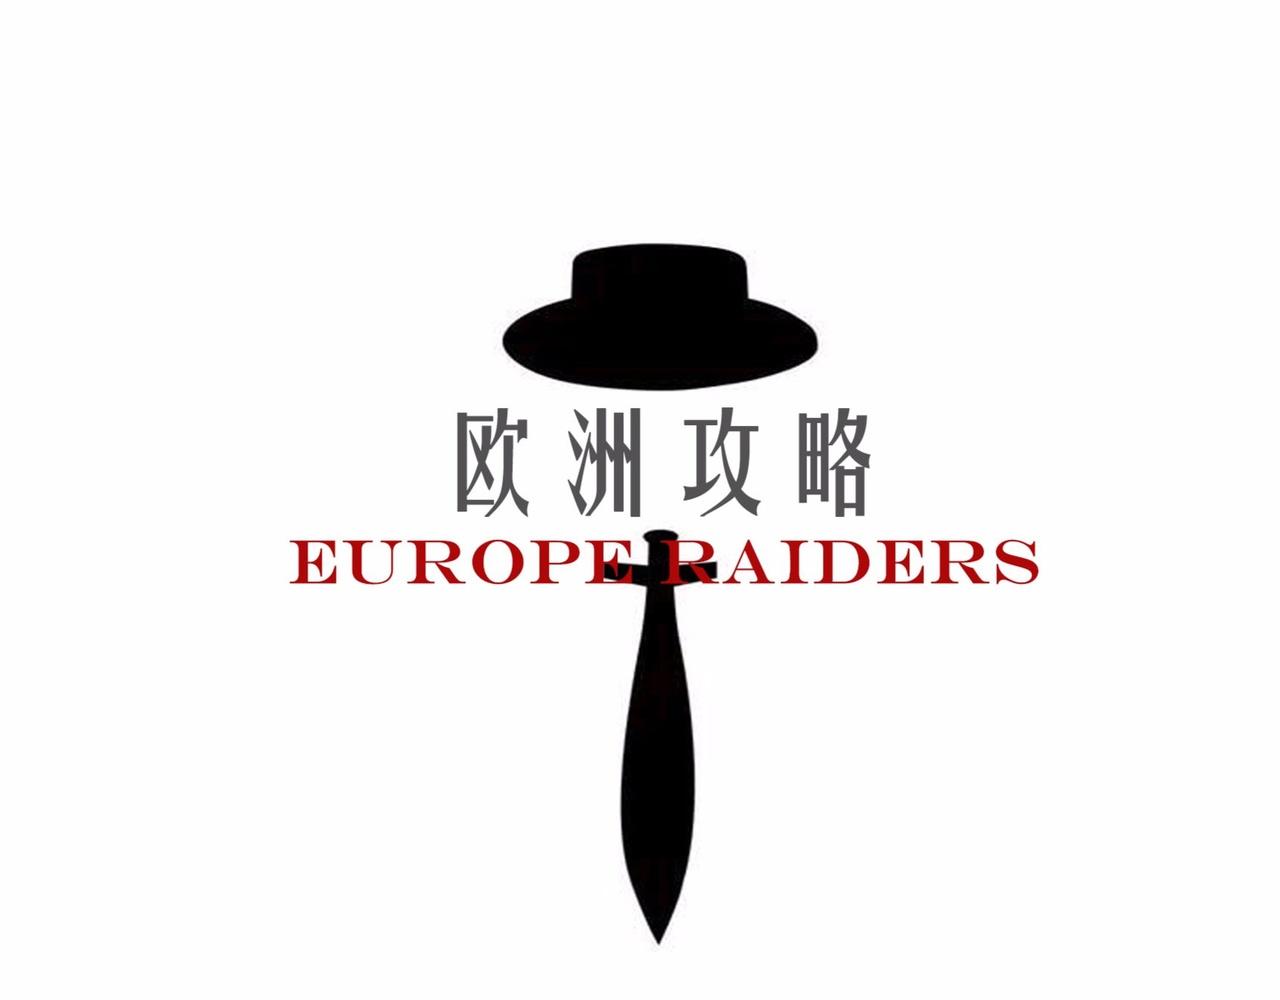 【欧洲攻略】这是一个假的预告片